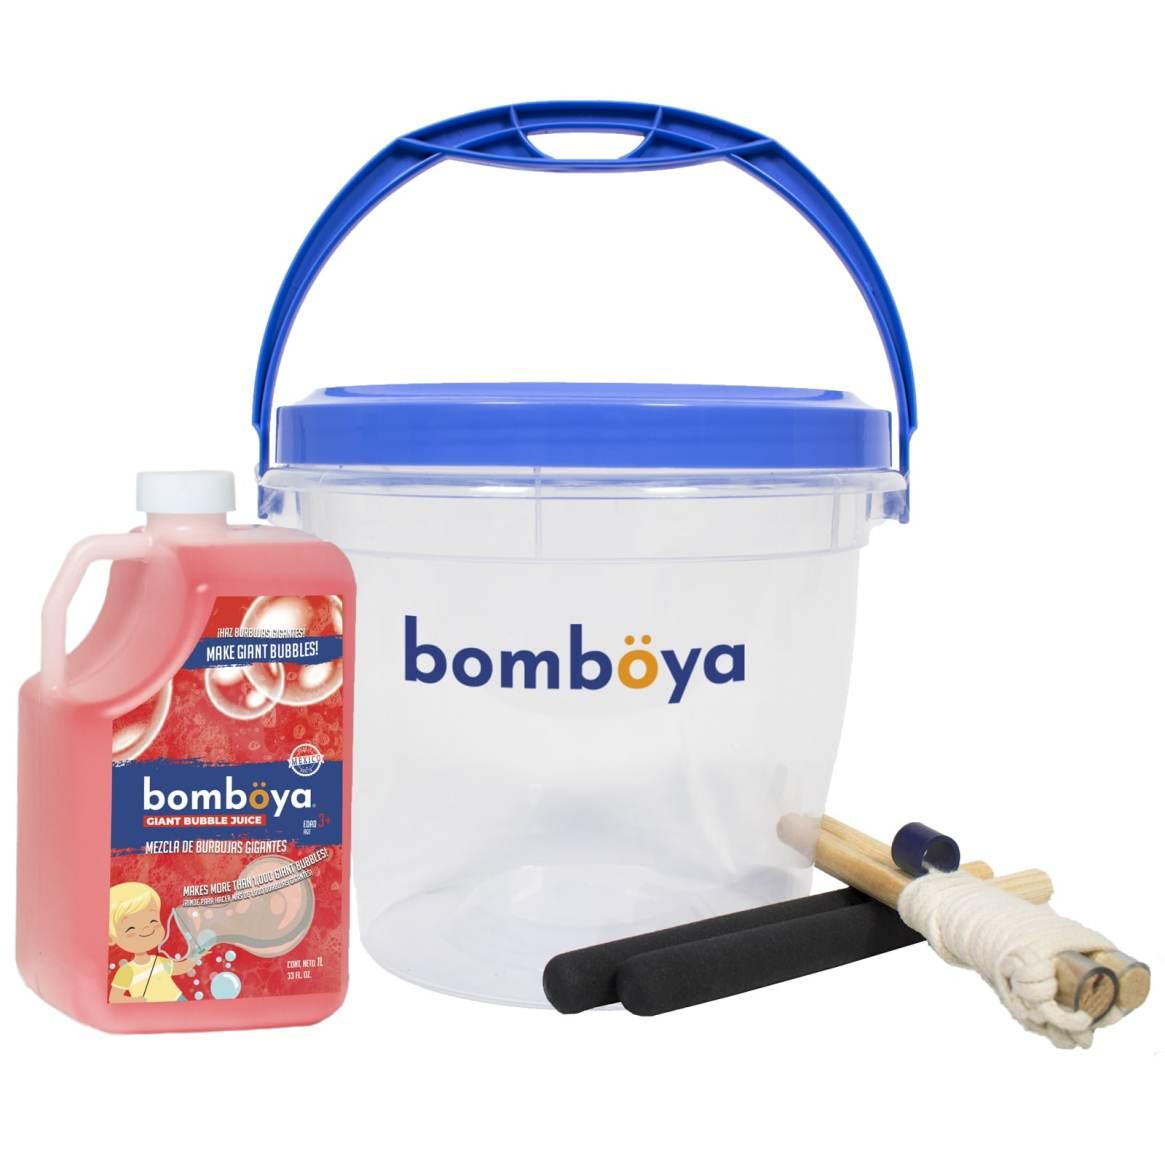 Mi-kit-para-hacer-Burbujas-Gigantes-BOMBOYA-2azul-min